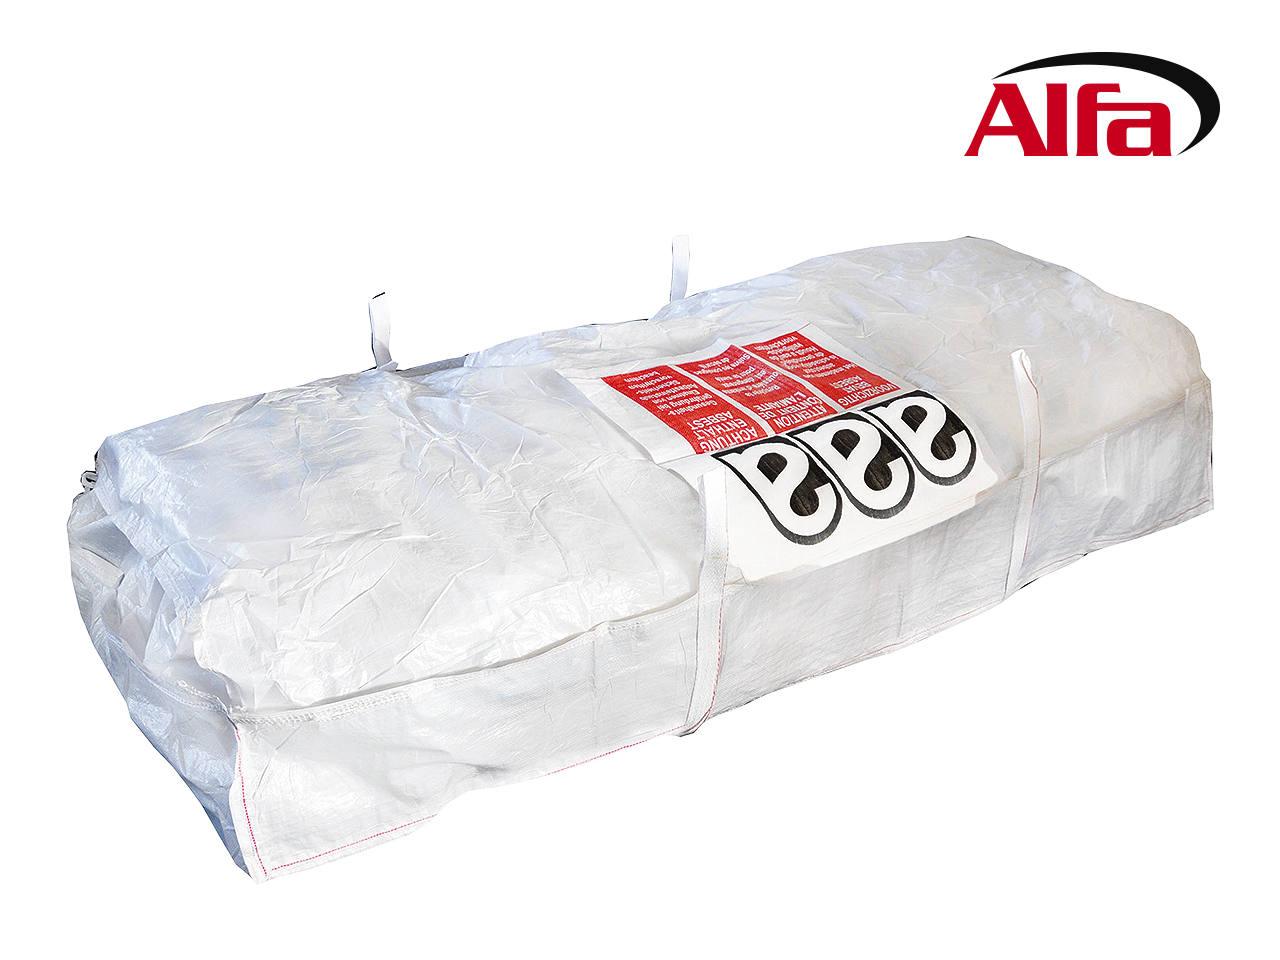 alfa plattensack asbest zur entsorgung von wellplatten. Black Bedroom Furniture Sets. Home Design Ideas